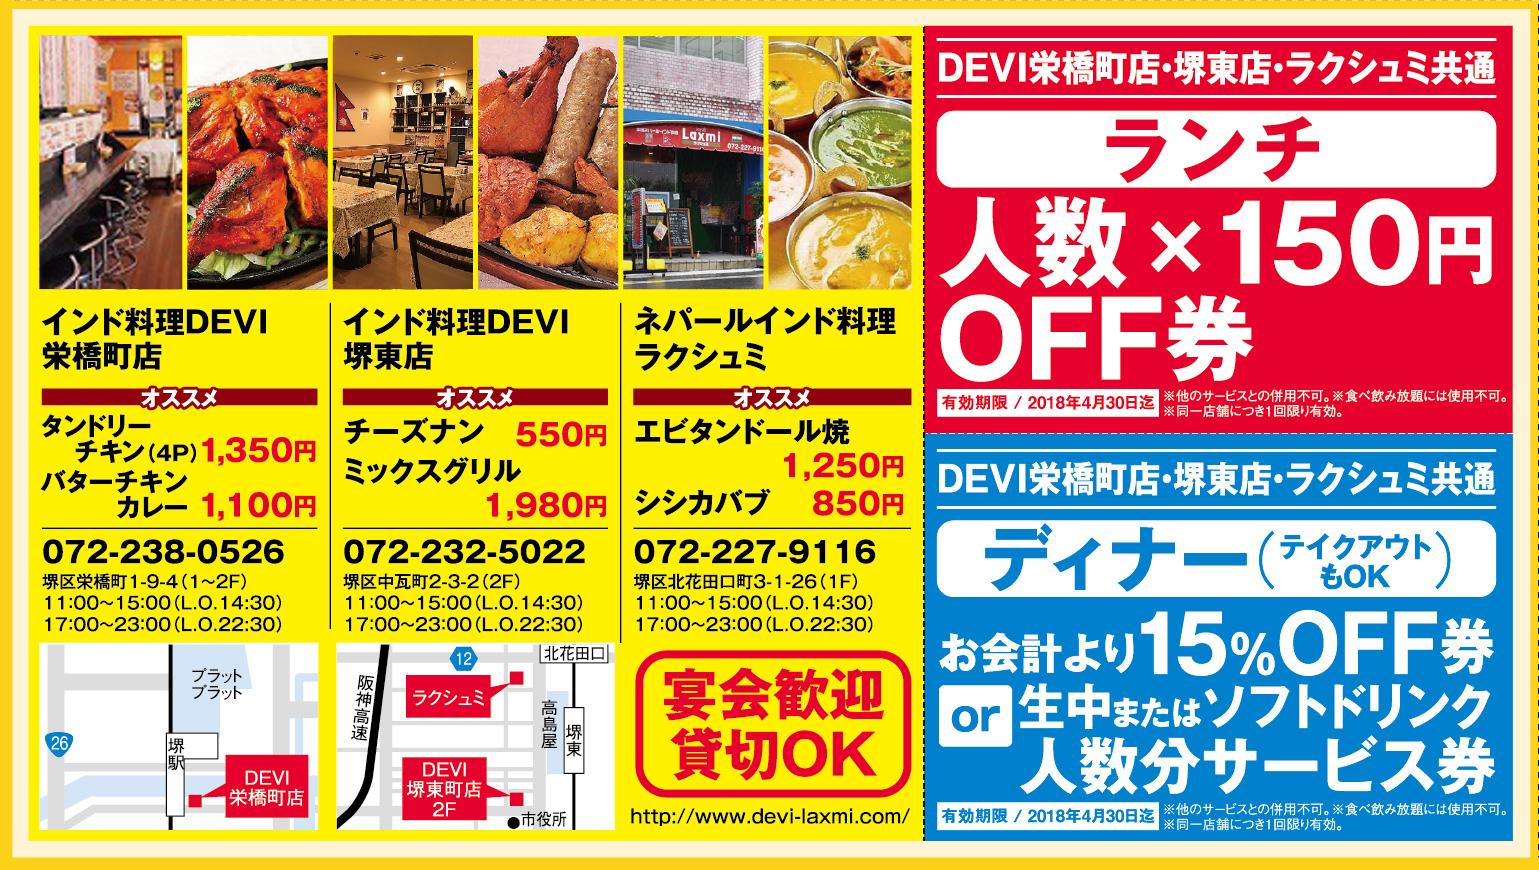 インド料理 DEVI(デビ) 栄橋店